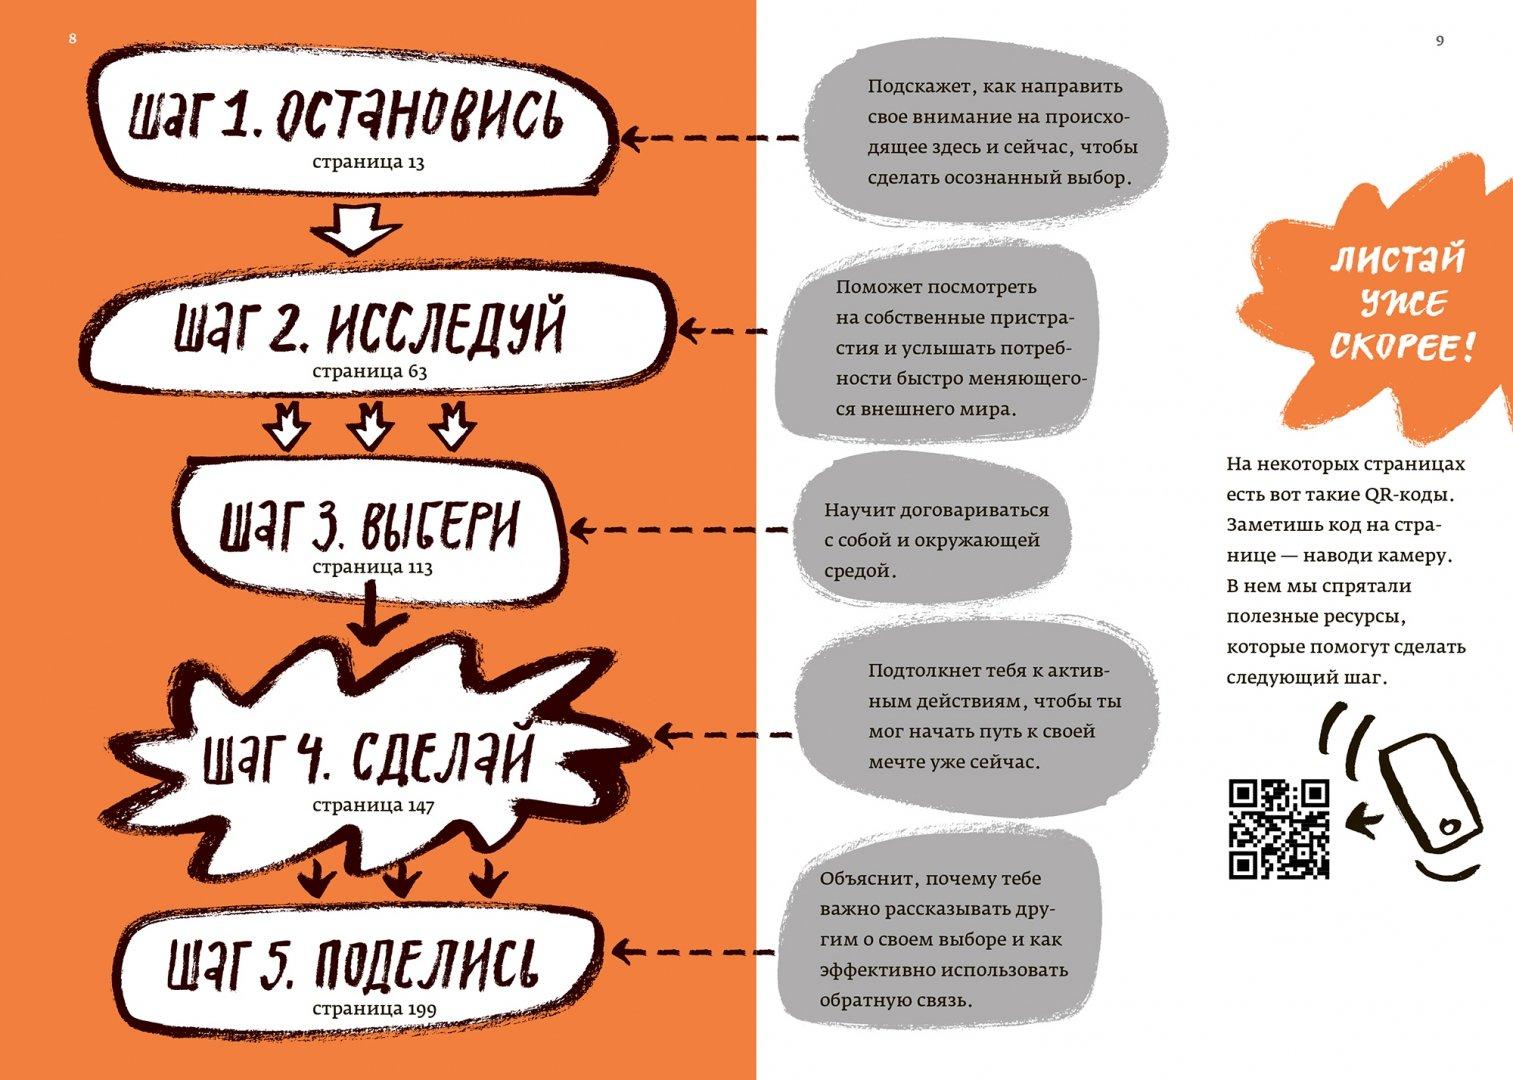 Иллюстрация 1 из 23 для ОК, что дальше?! Как превратить мечту в профессию - Лобазникова, Антонова, Жаббаров | Лабиринт - книги. Источник: Лабиринт